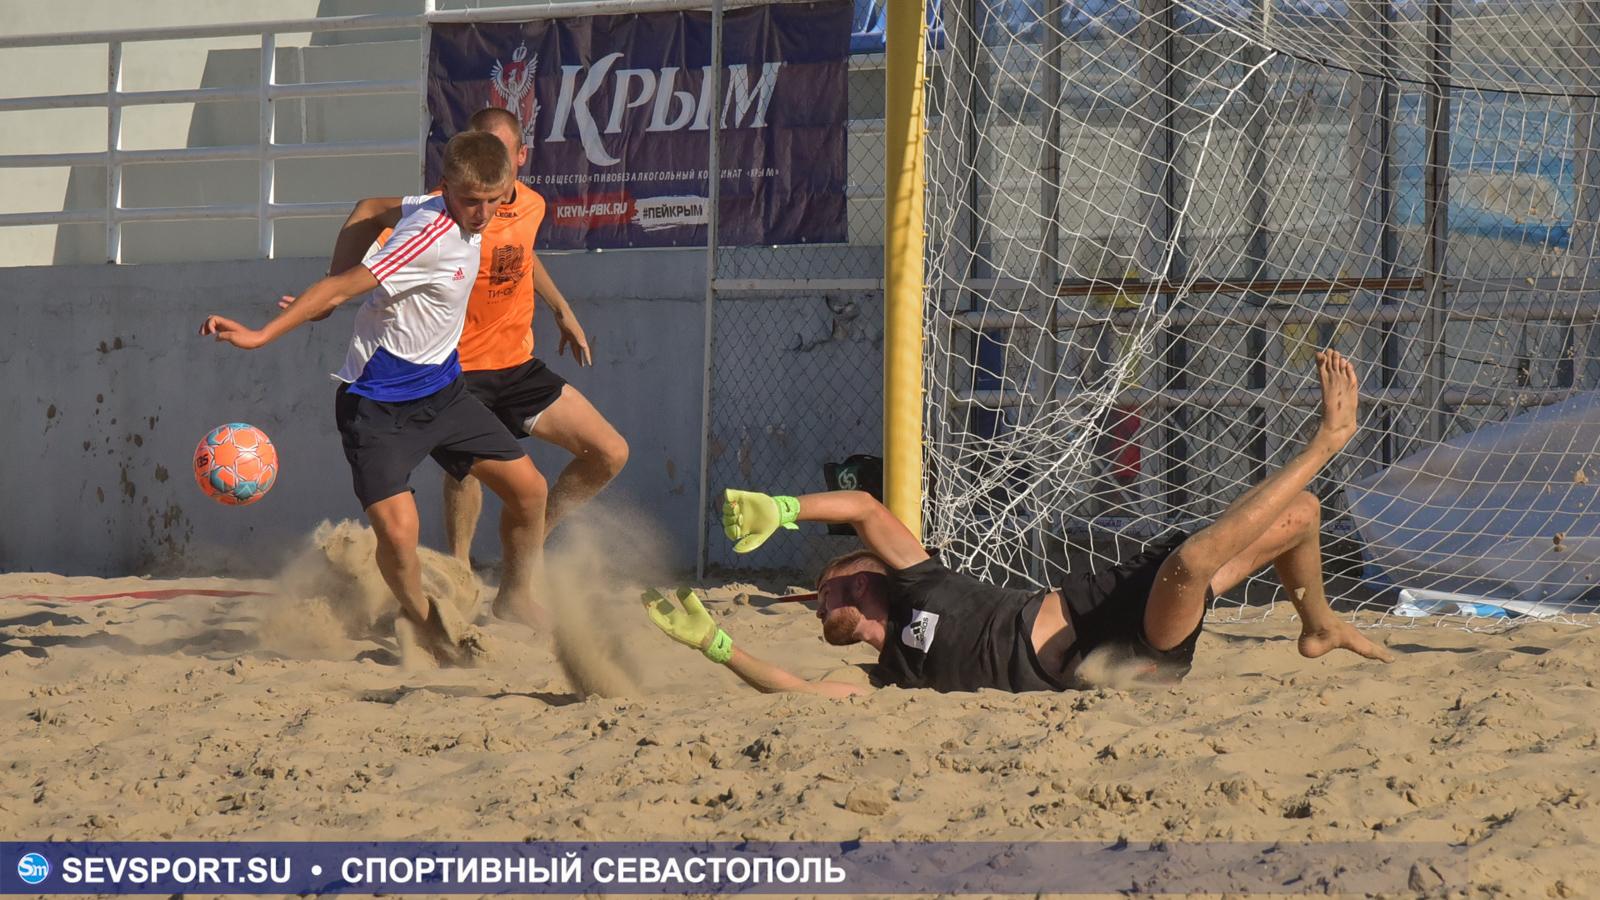 11082019 2 13 - Сегодня состоятся решающие матчи «Кубка губернатора Севастополя по пляжному футболу»